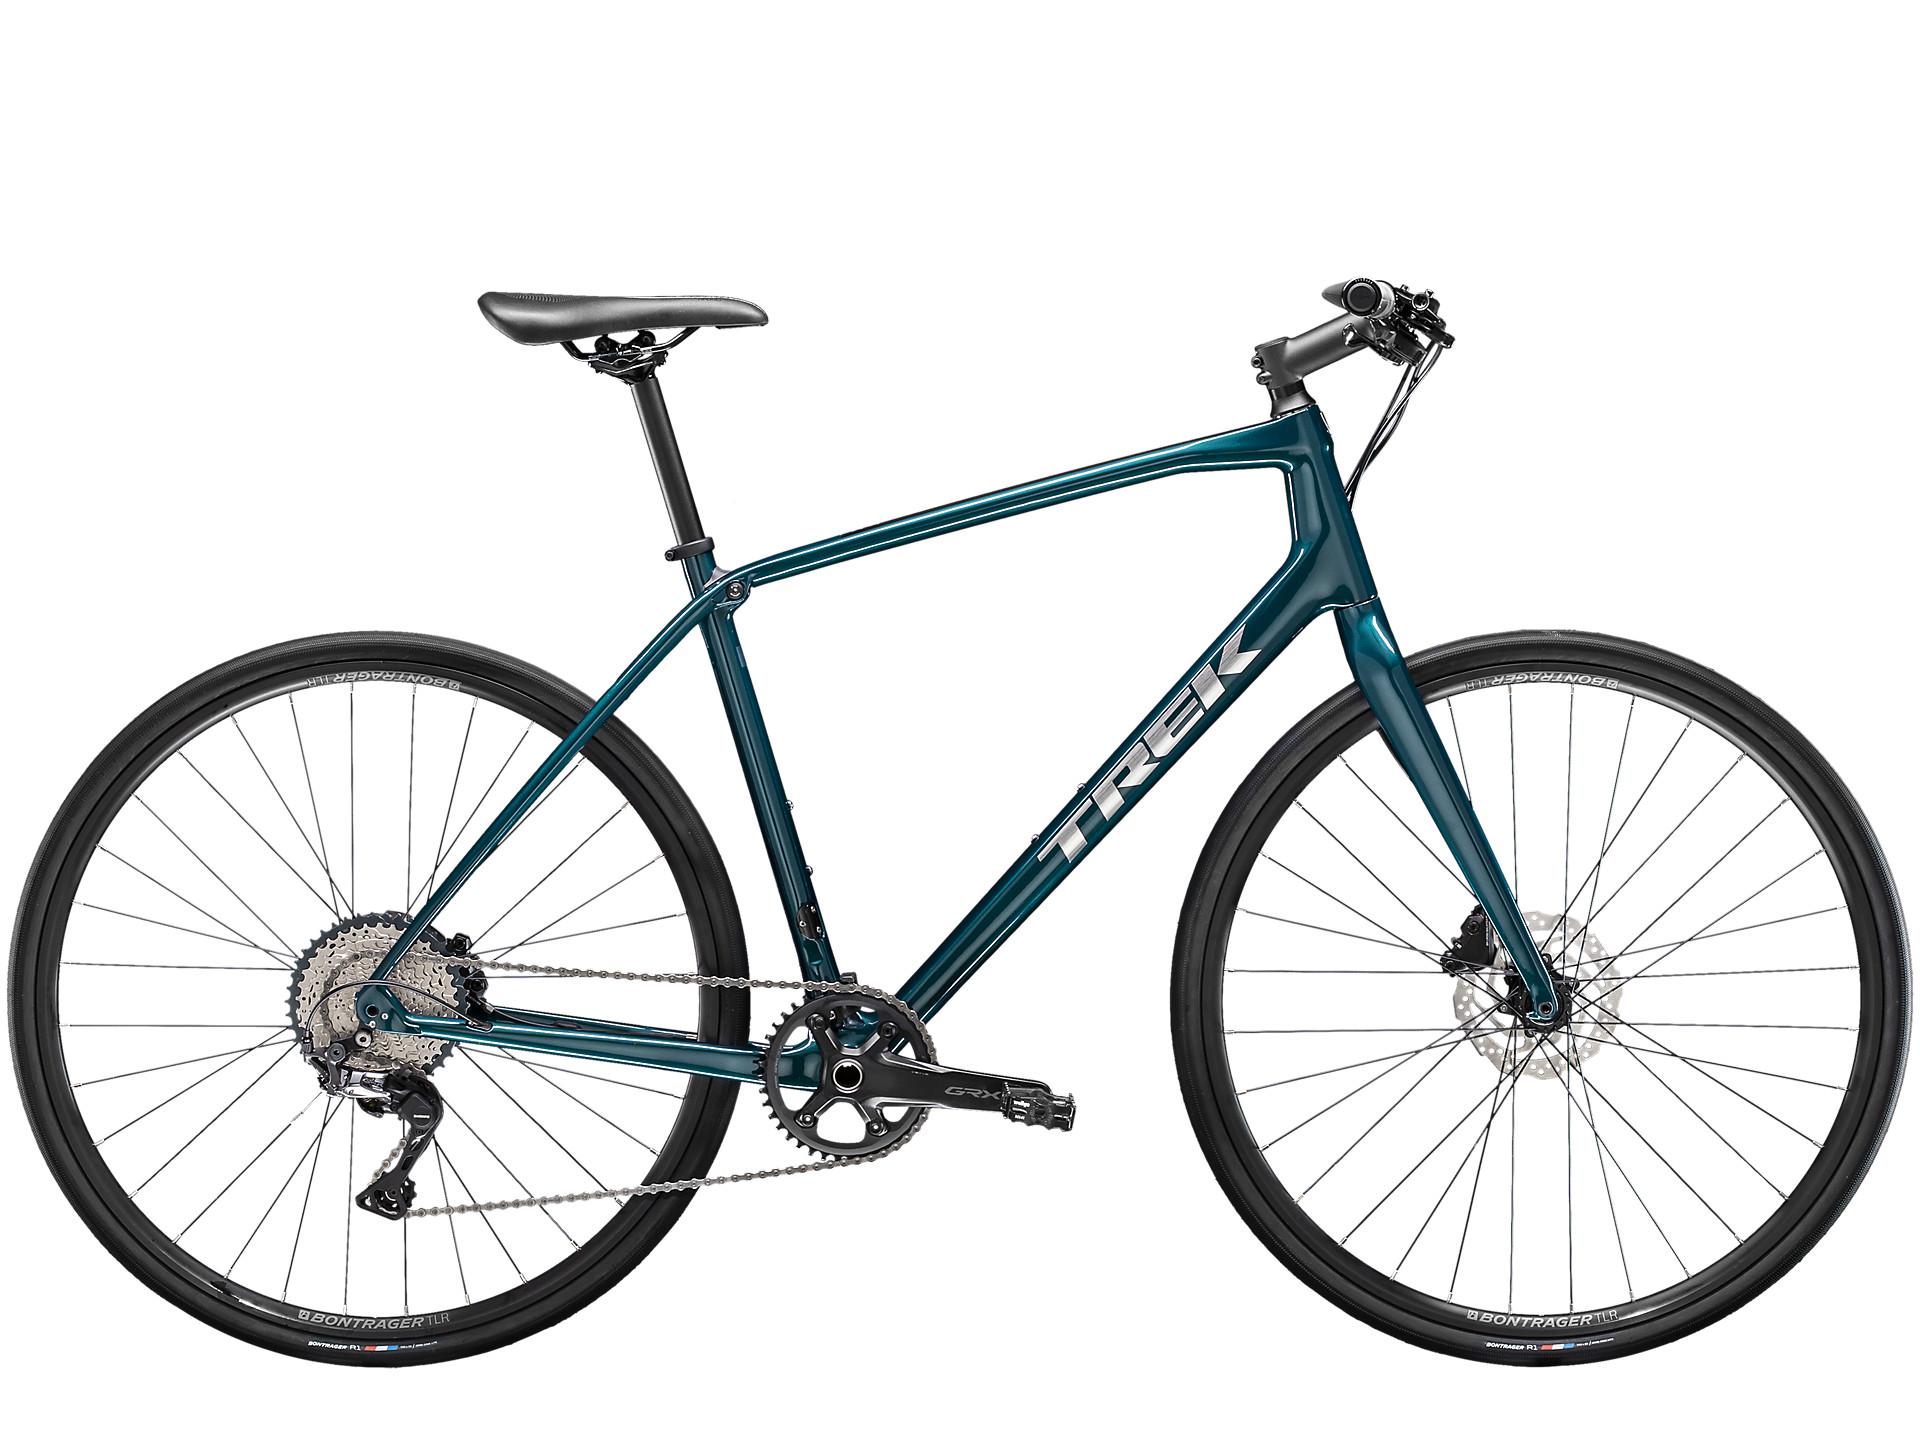 【スタッフバイク】FX Sport Carbon 4購入しました!